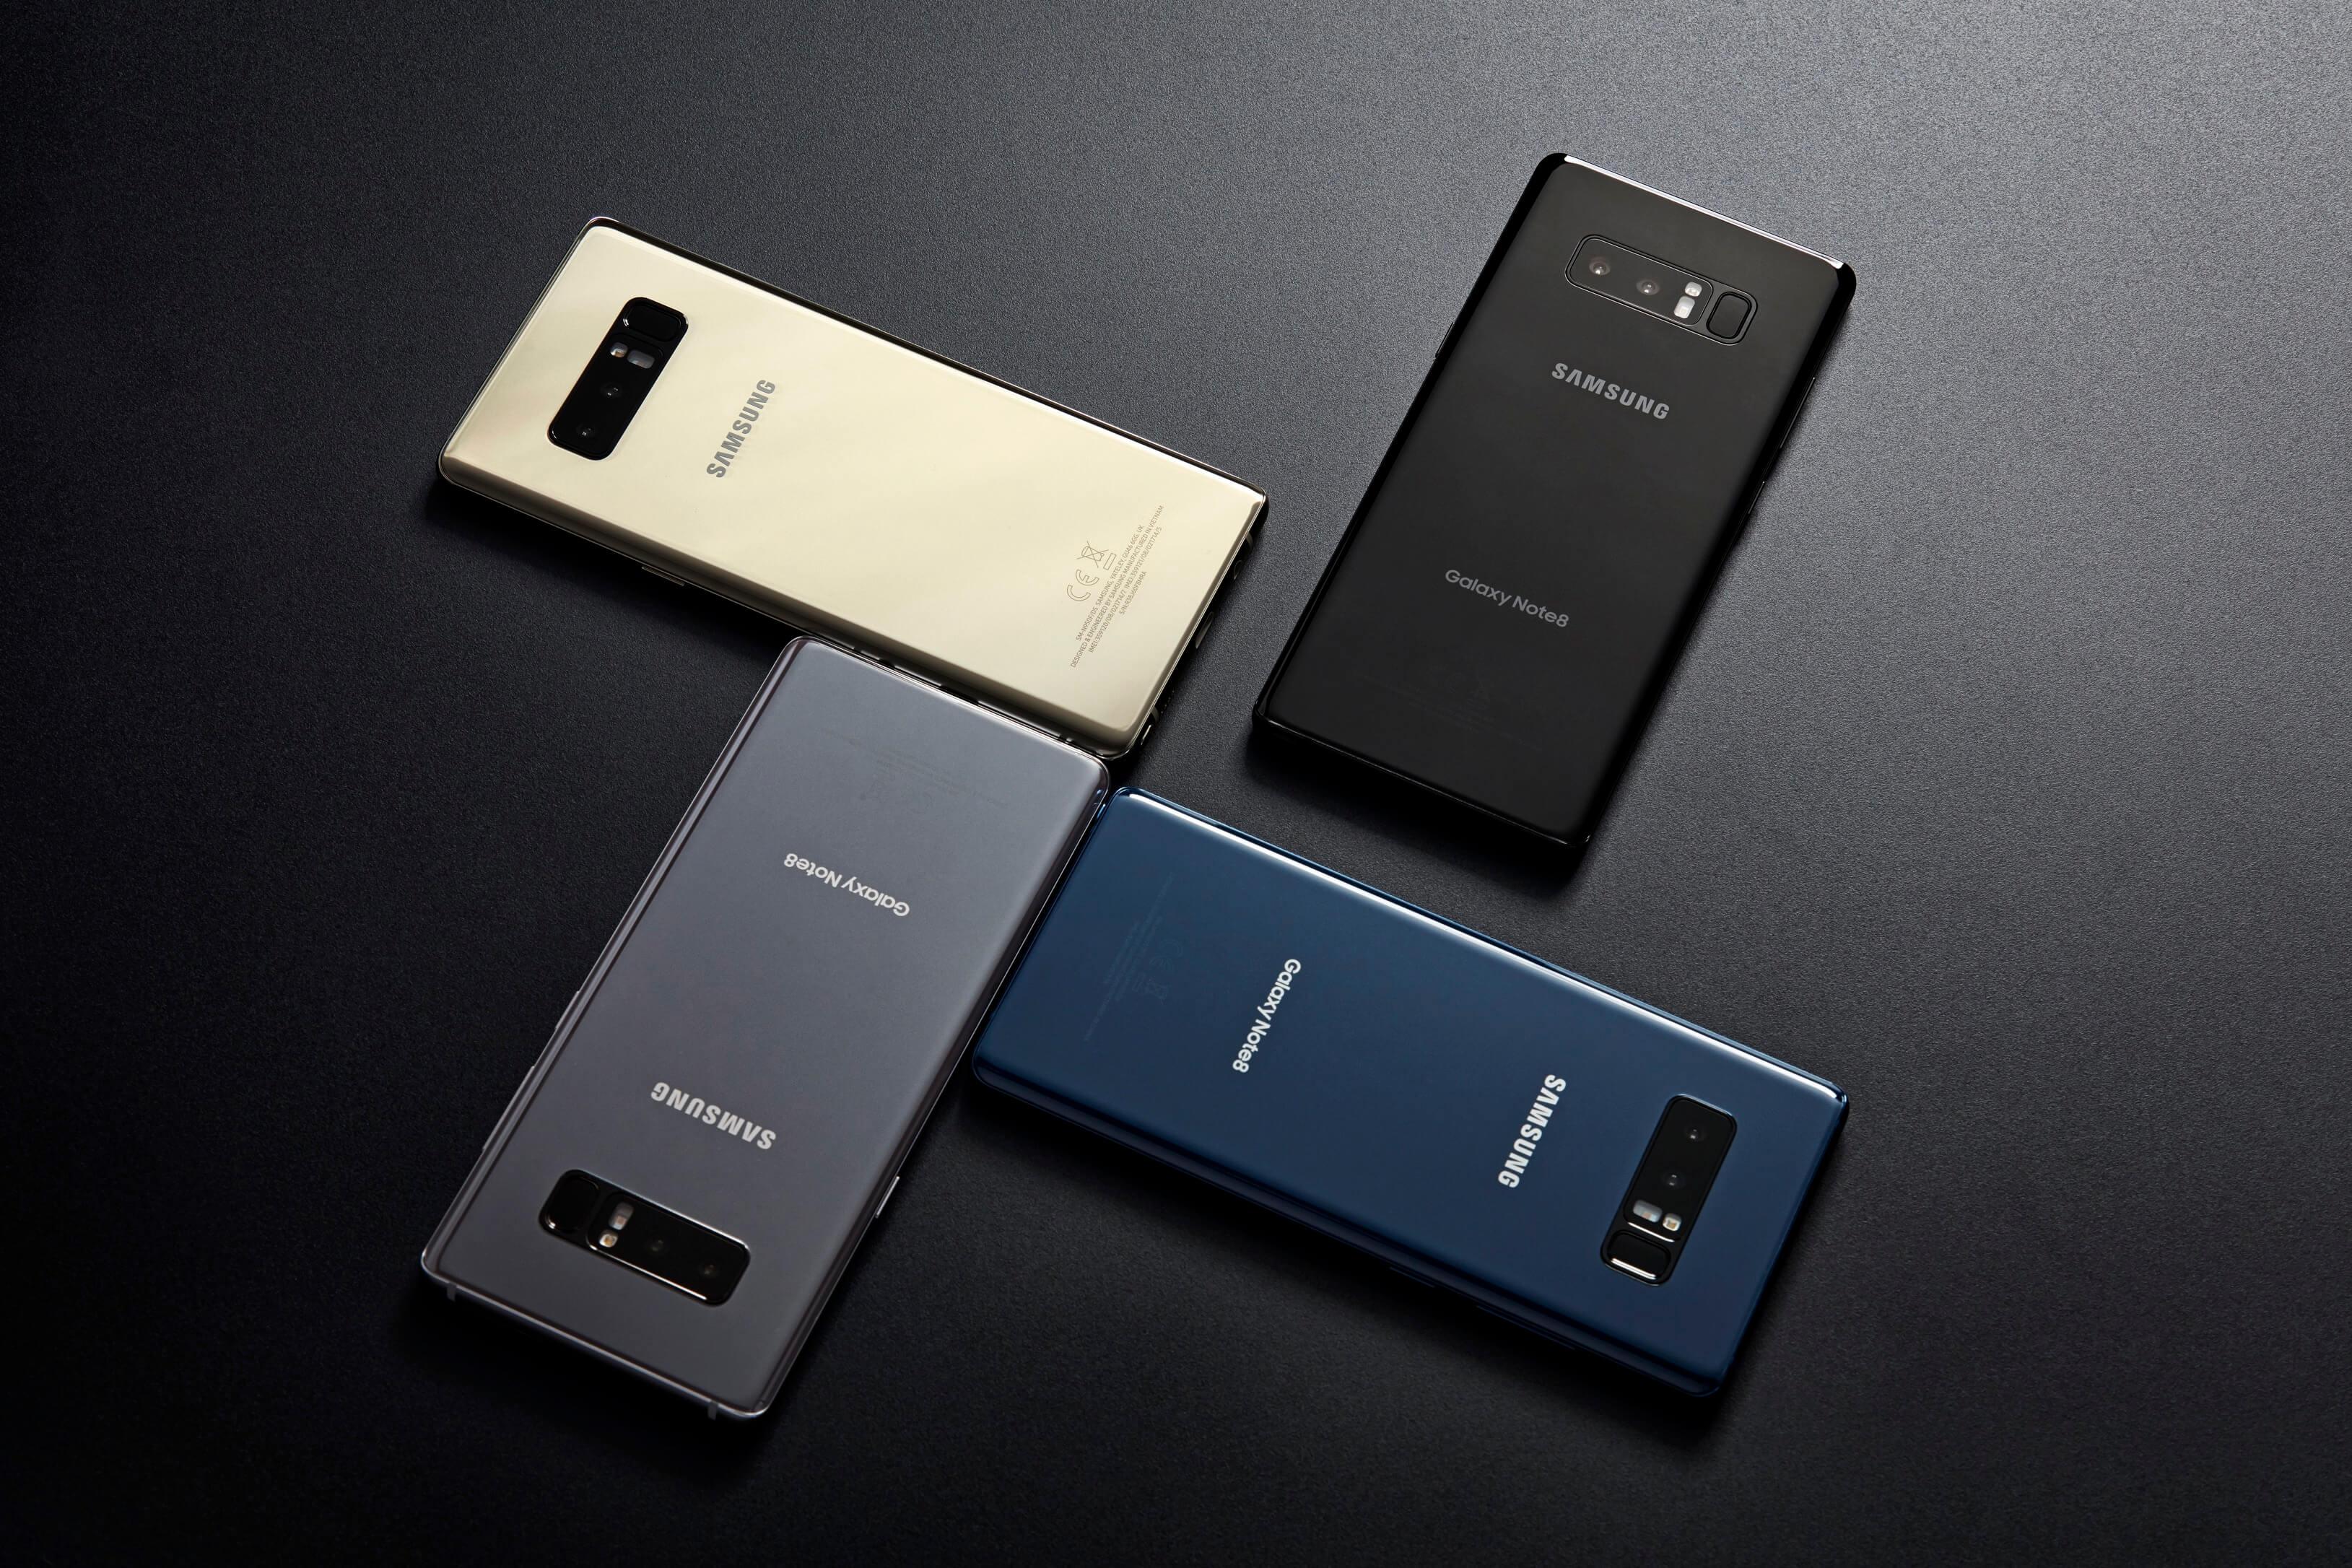 Tabletowo.pl Samsung Galaxy Note 9 na kolejnych zdjęciach. Nie mamy już żadnych wątpliwości co do tego, jak będzie wyglądał Android Plotki / Przecieki Samsung Smartfony